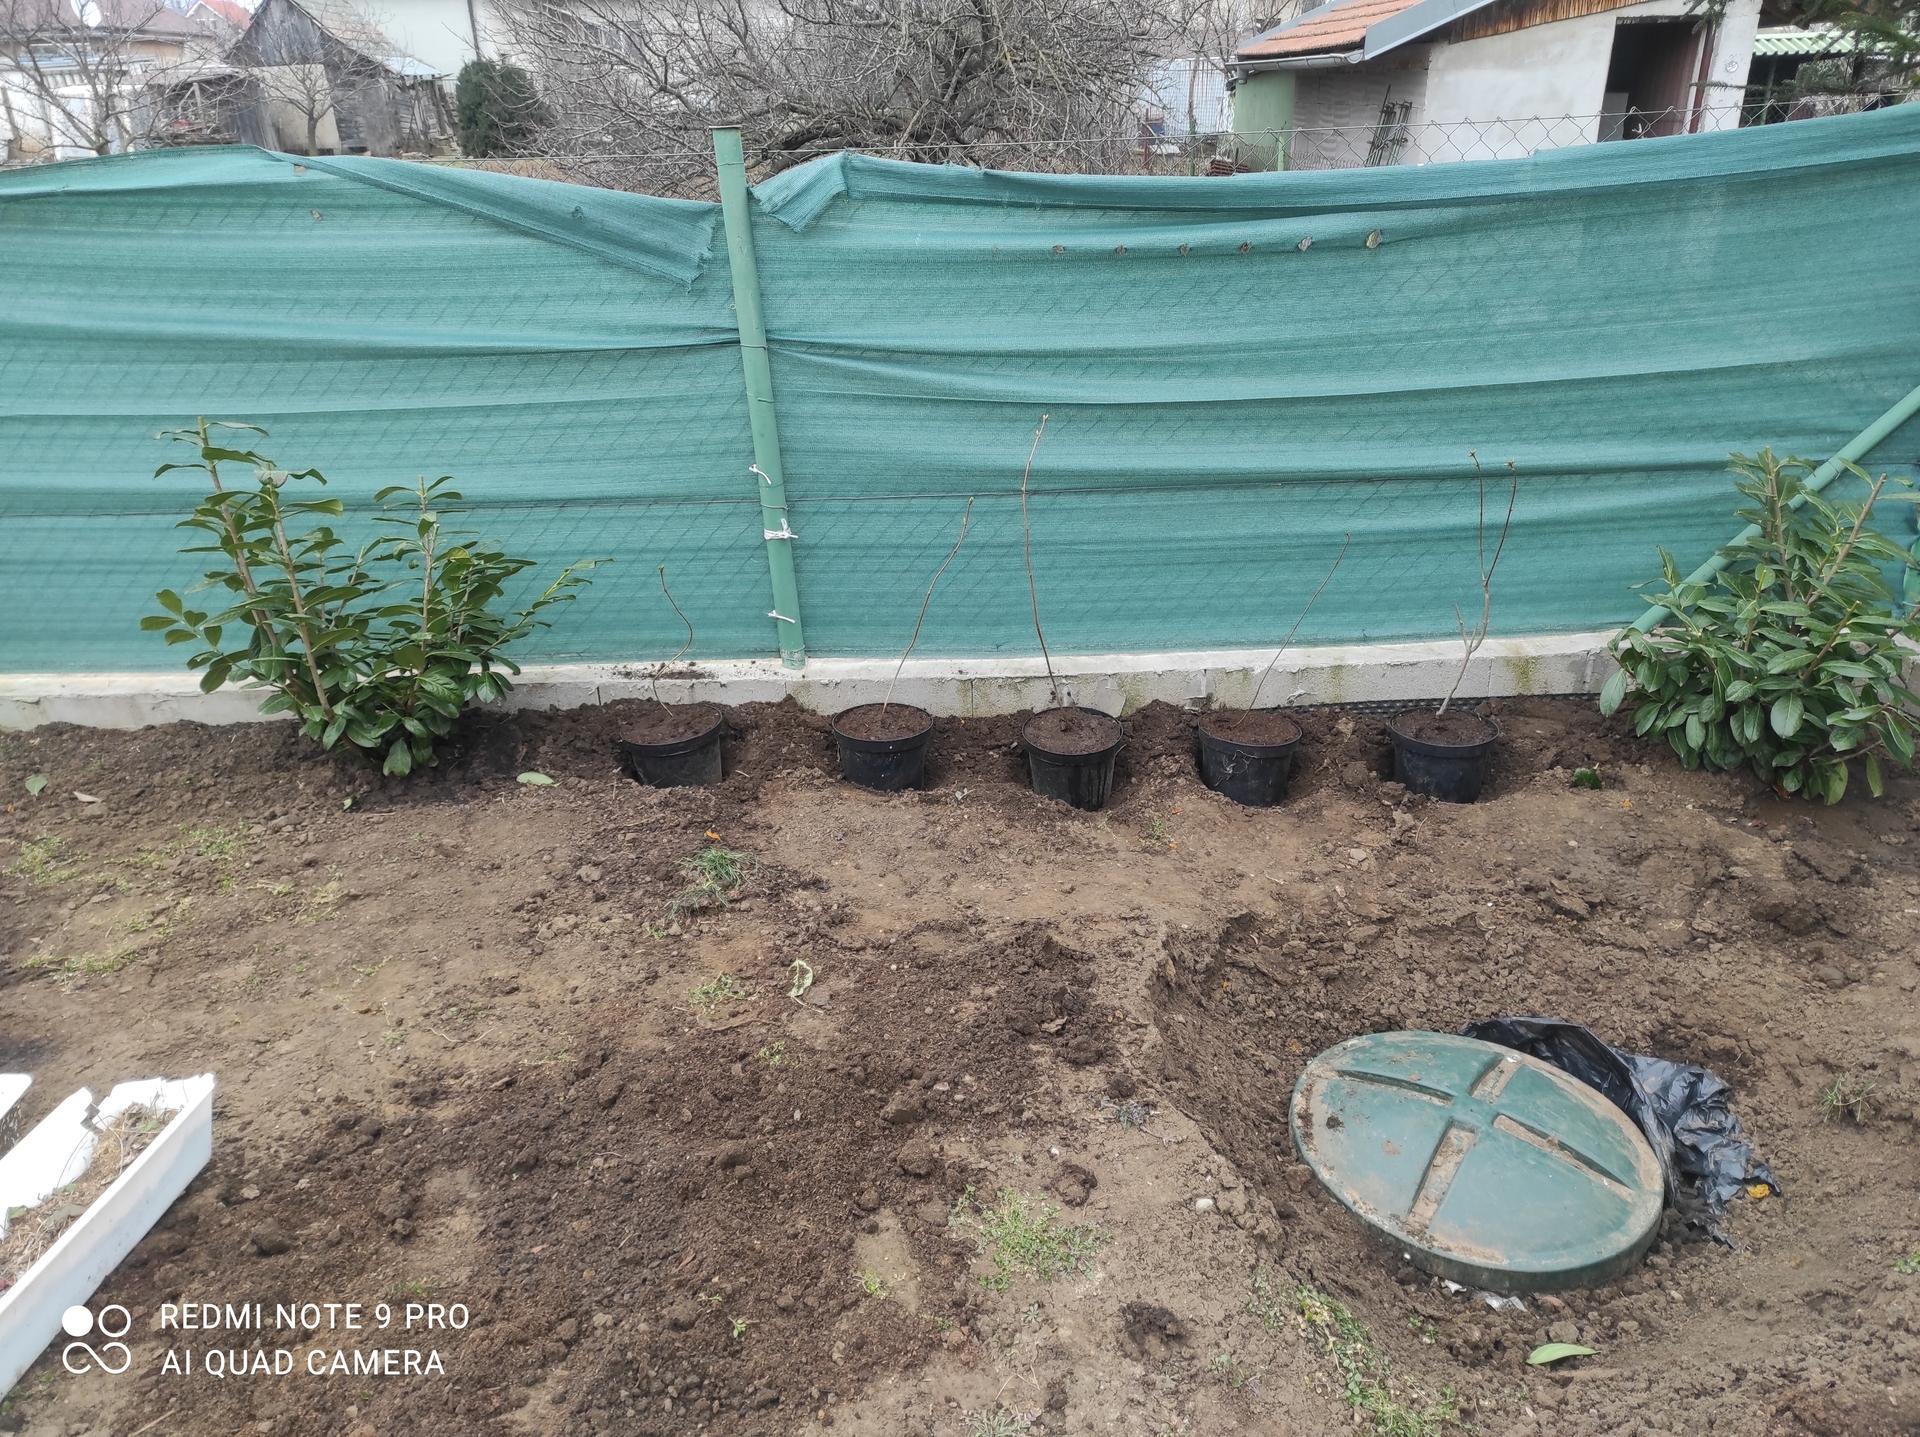 Vidiečan - pokračujeme vonku. - Dnes vysadený orgován odkopaný od rodičov, ako živý plot. Chcela by som ho pestovať na kmienku a upravovať, aby rástol iba pri plote s nízkymi trvalkami dolu.